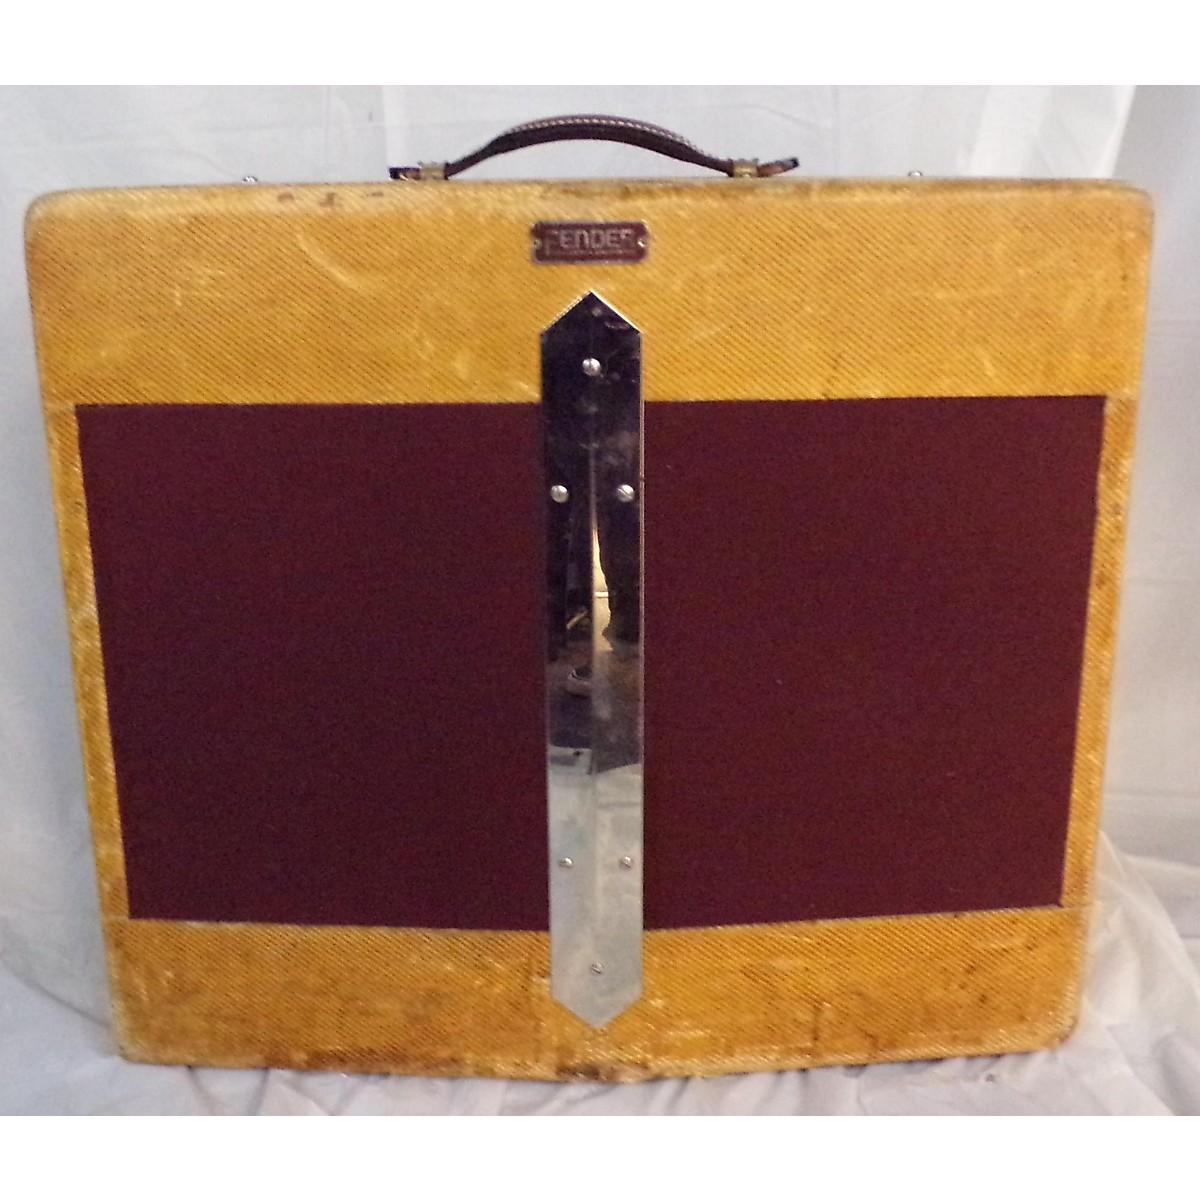 Fender 1940s Late 1940's Super Amp Tube Guitar Combo Amp